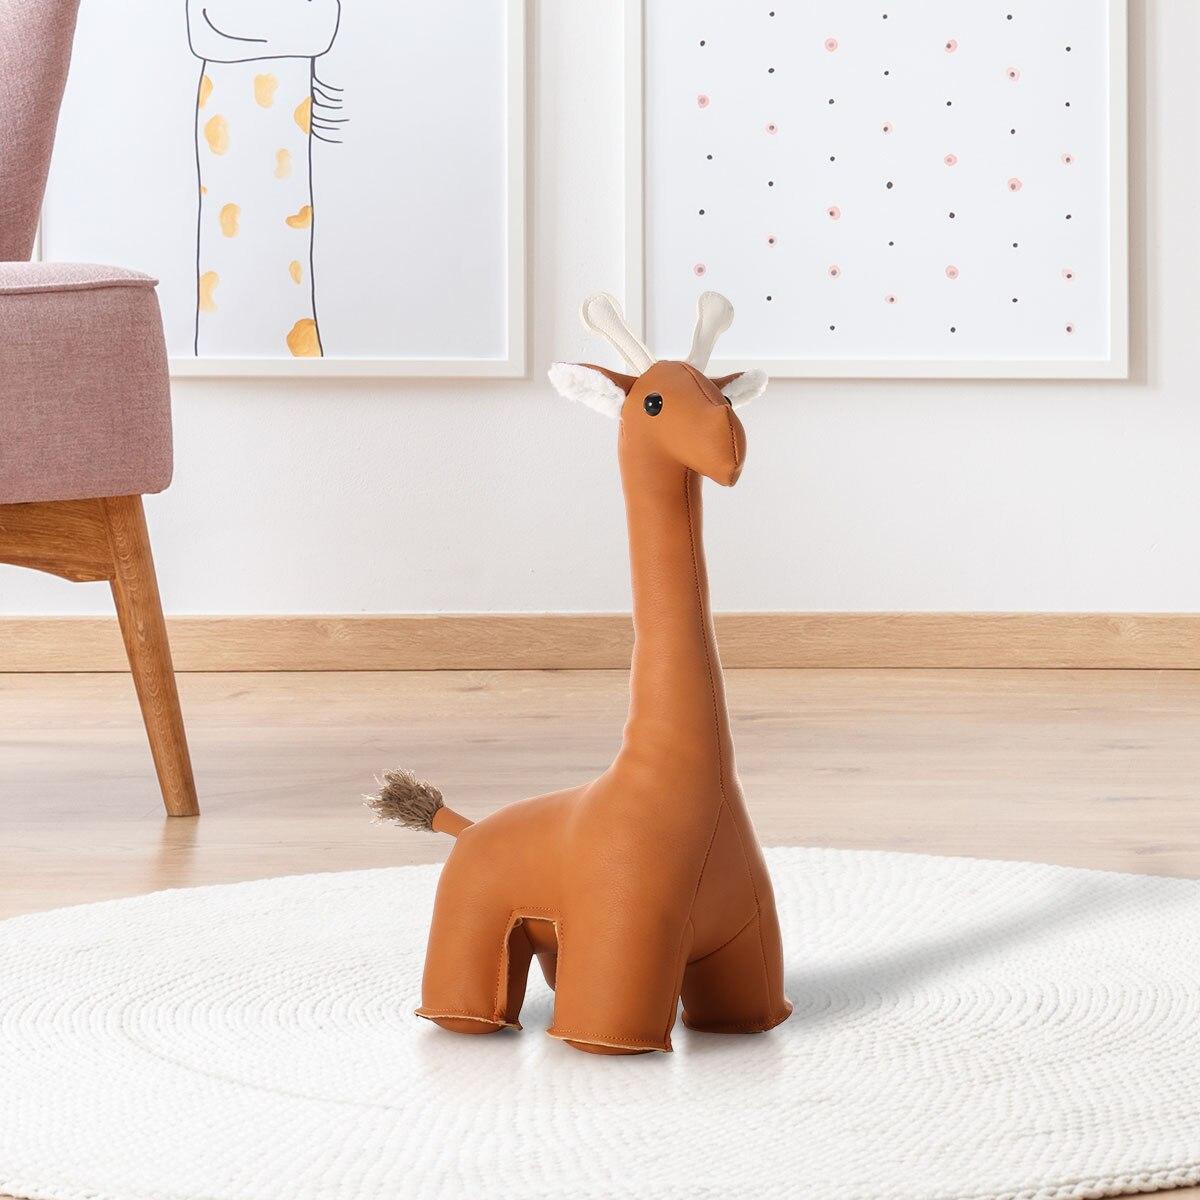 Tooarts cuir girafe serre livres Animal cadeau décoration de la maison mignon Animal jouet chambre salle de bains porte bouchon Animal Figurine-in Figurines et miniatures from Maison & Animalerie    1